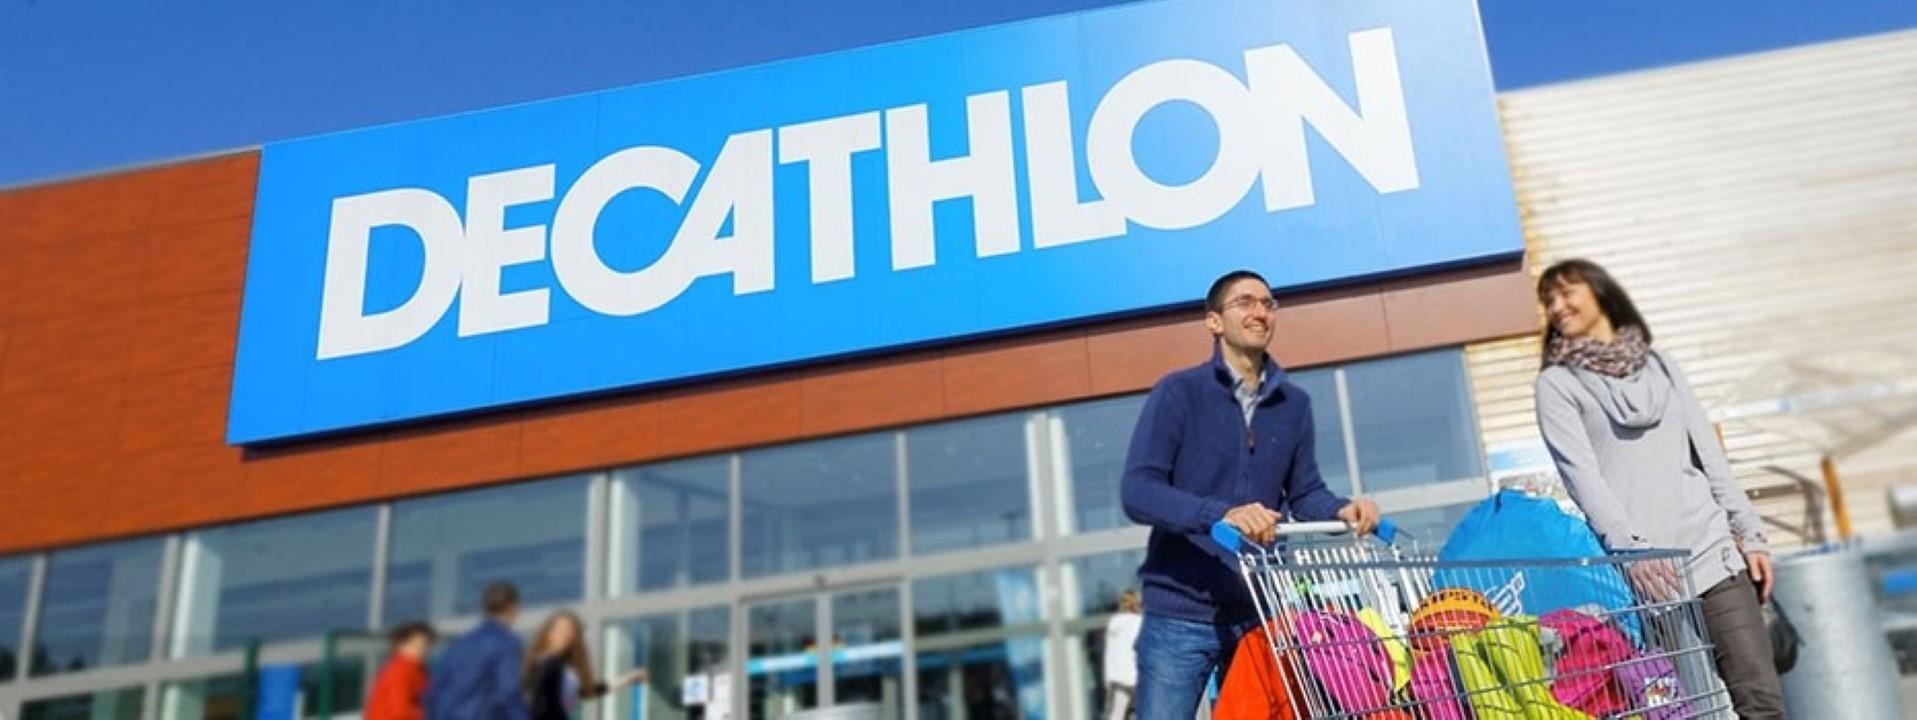 4e01c89957a89 Le géant français du sport, Decathlon, va ouvrir fin août son ...